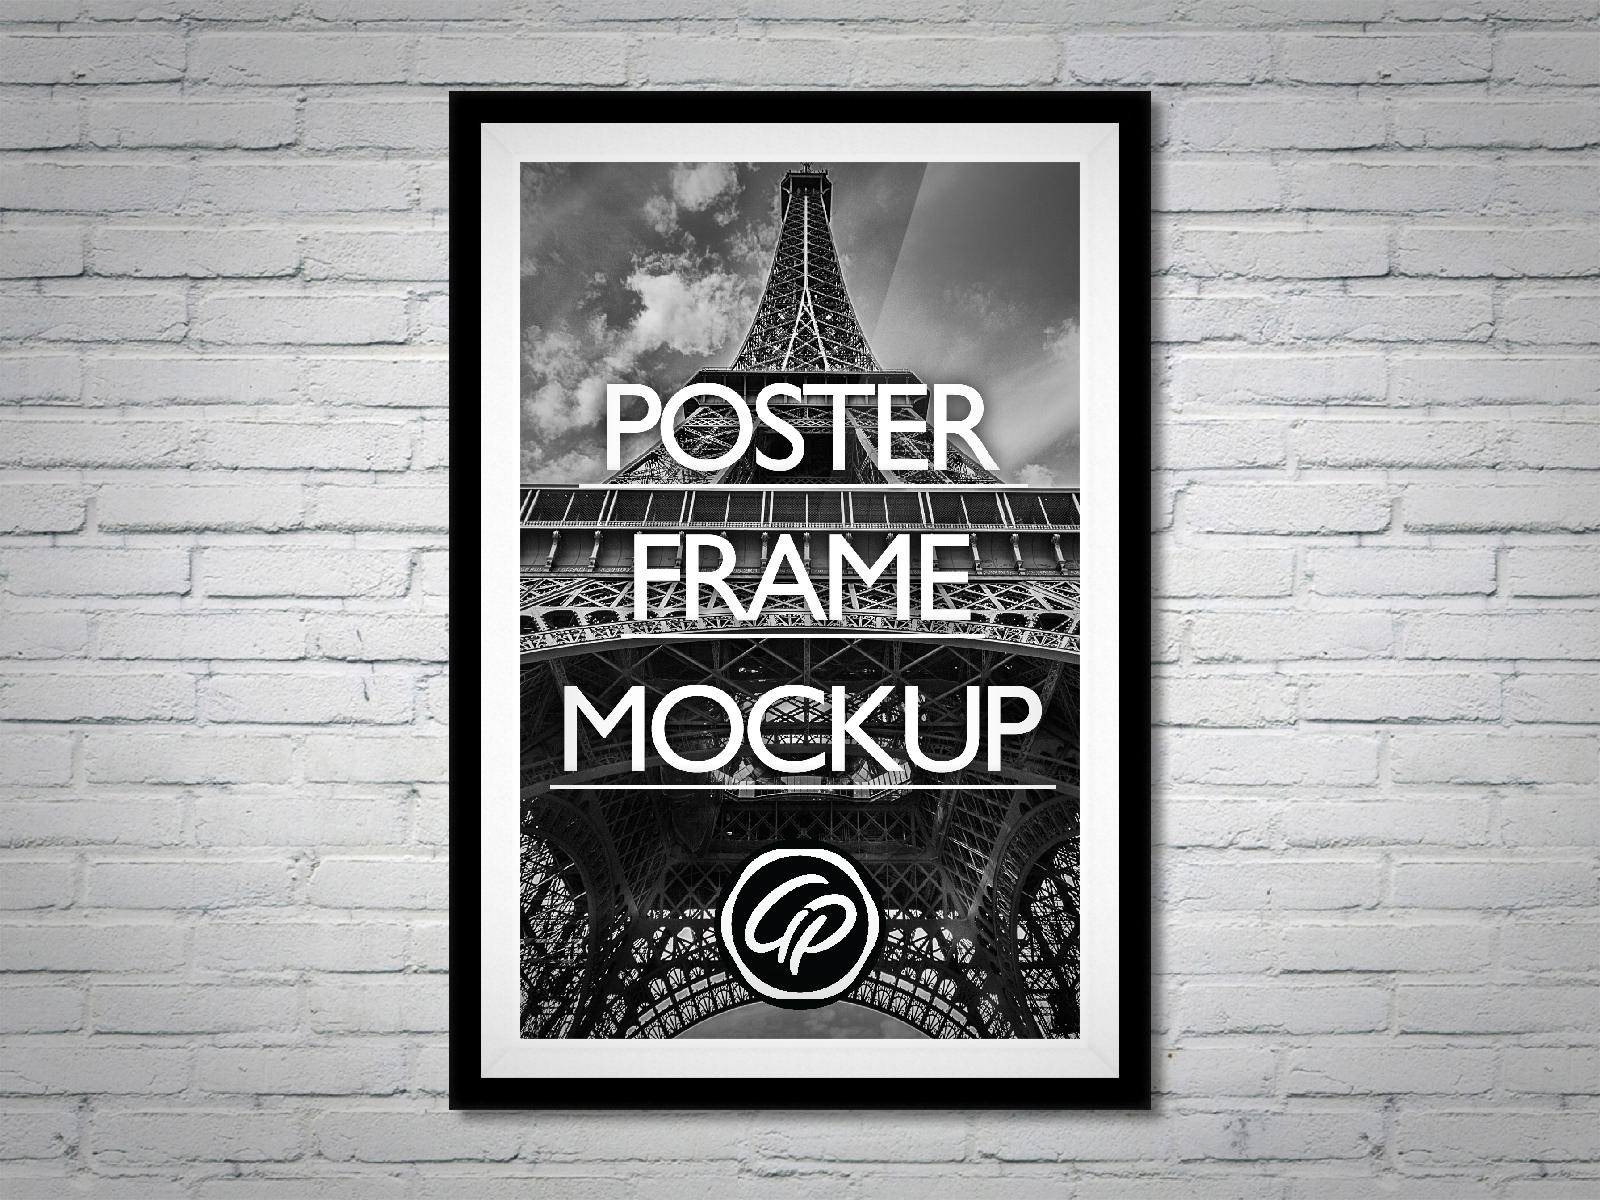 Poster frame mockup hd